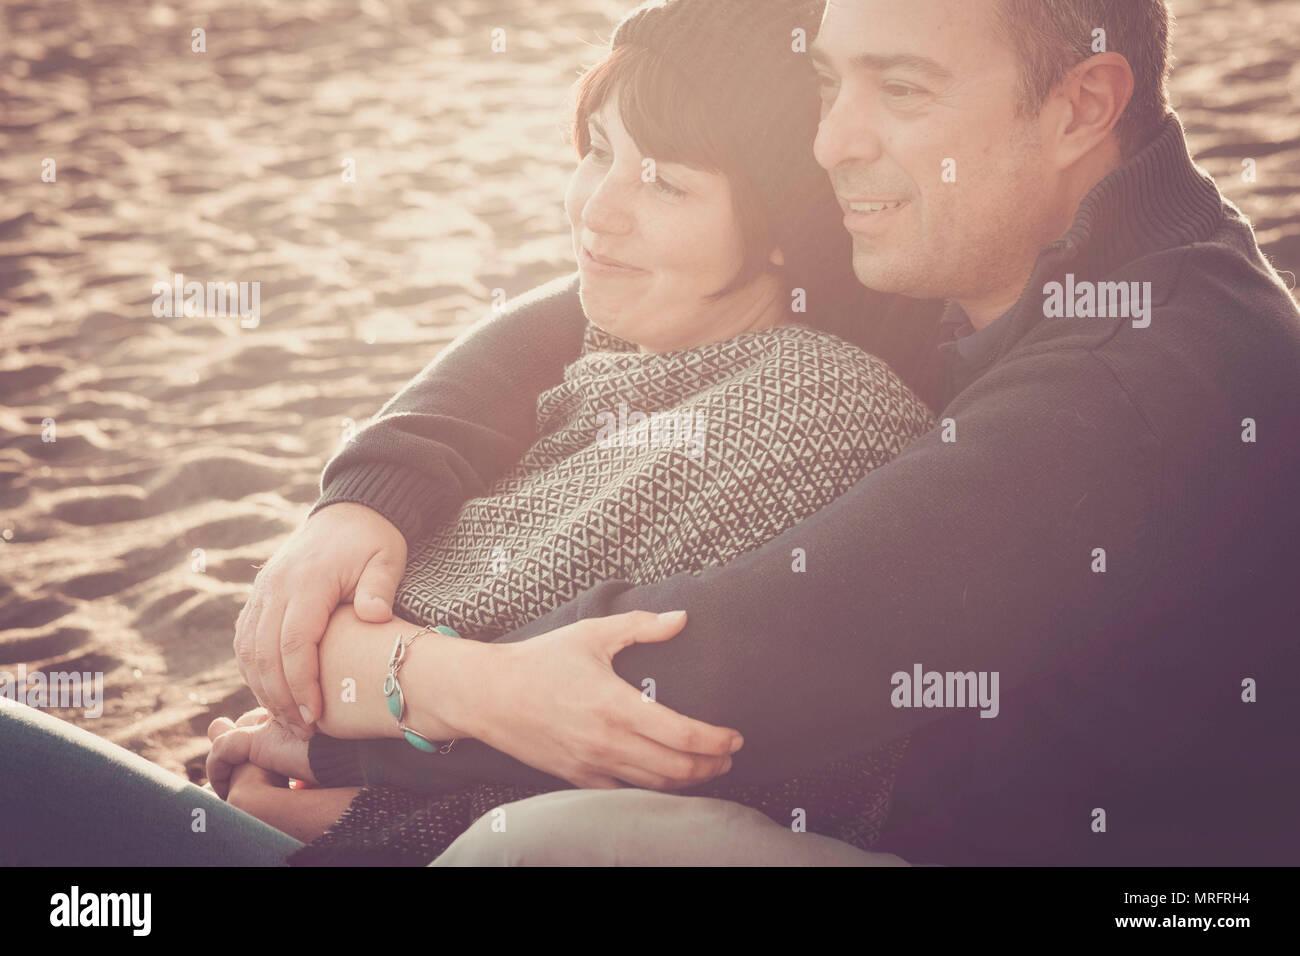 Preciosas La edad media de 40 años de edad par hombre y mujer caucásica se abrazaron y permanecer juntos en la playa, sentado en la arena y disfrutar de un golde un Imagen De Stock